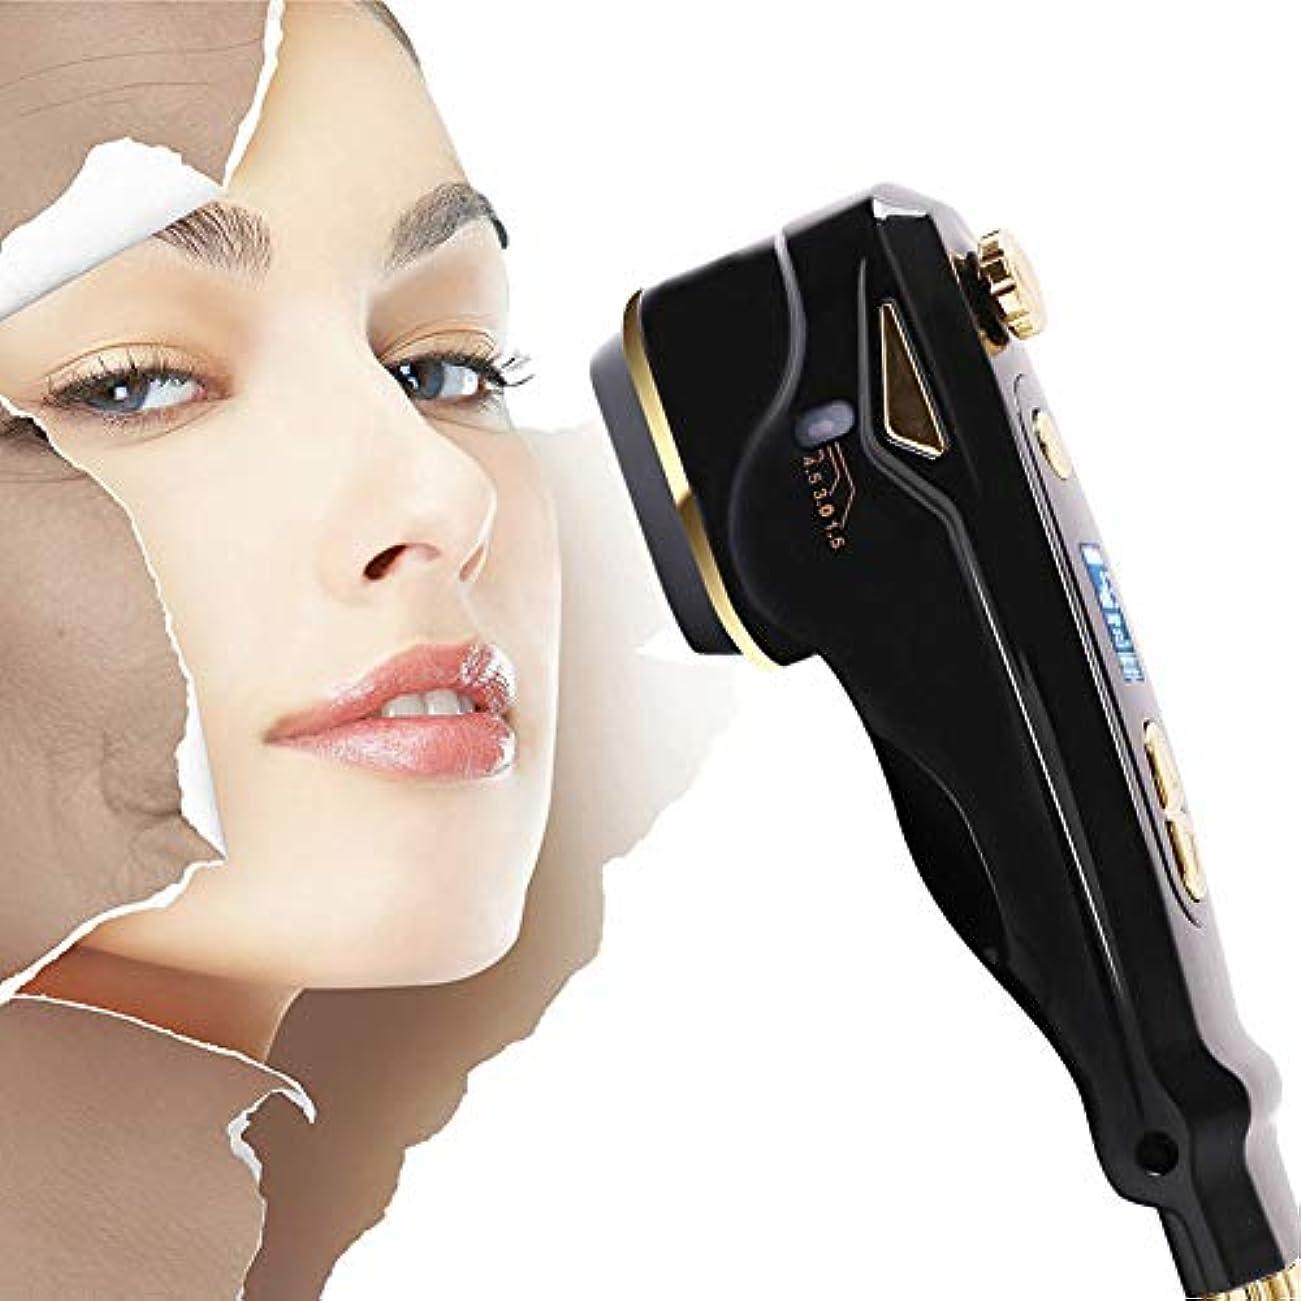 受信機自分自身ミスミニ 1の3 HIFU アンチエイジング 改築 デバイス、 世帯 RF フェイシャル 美しさ 機械 へ 家庭での使用 肌の若返り、 首 しわの除去、 ホワイトニング、 肌の引き締め デバイス